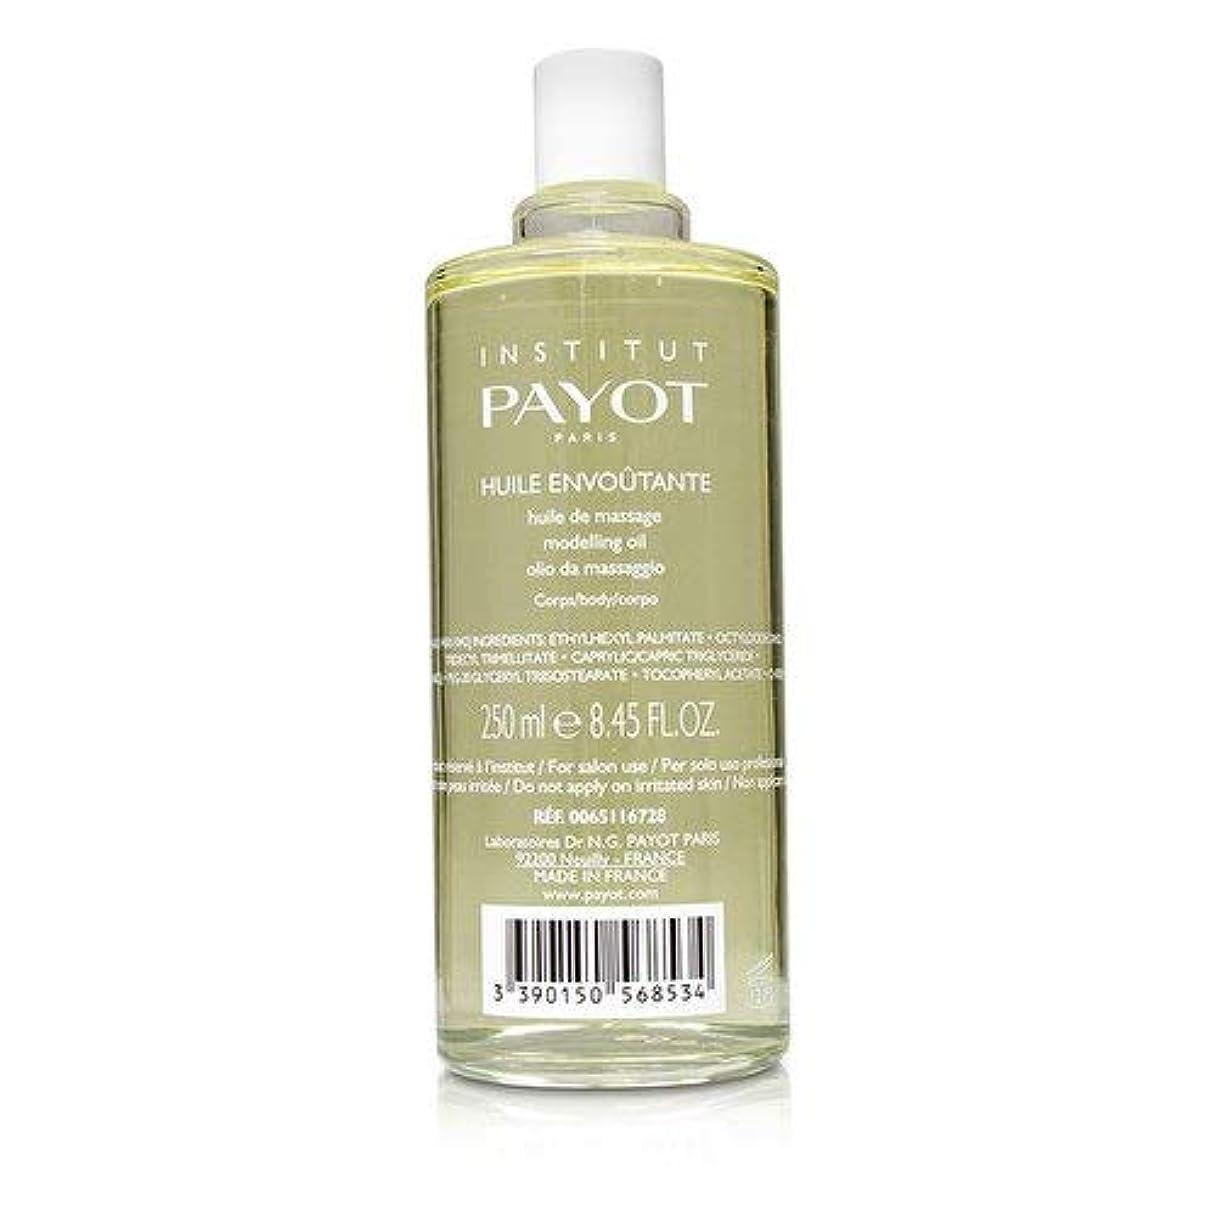 パイヨ Huile Envoutante - Body Massage Oil (White Flower & Honey) (Salon Product) 250ml/8.4oz並行輸入品